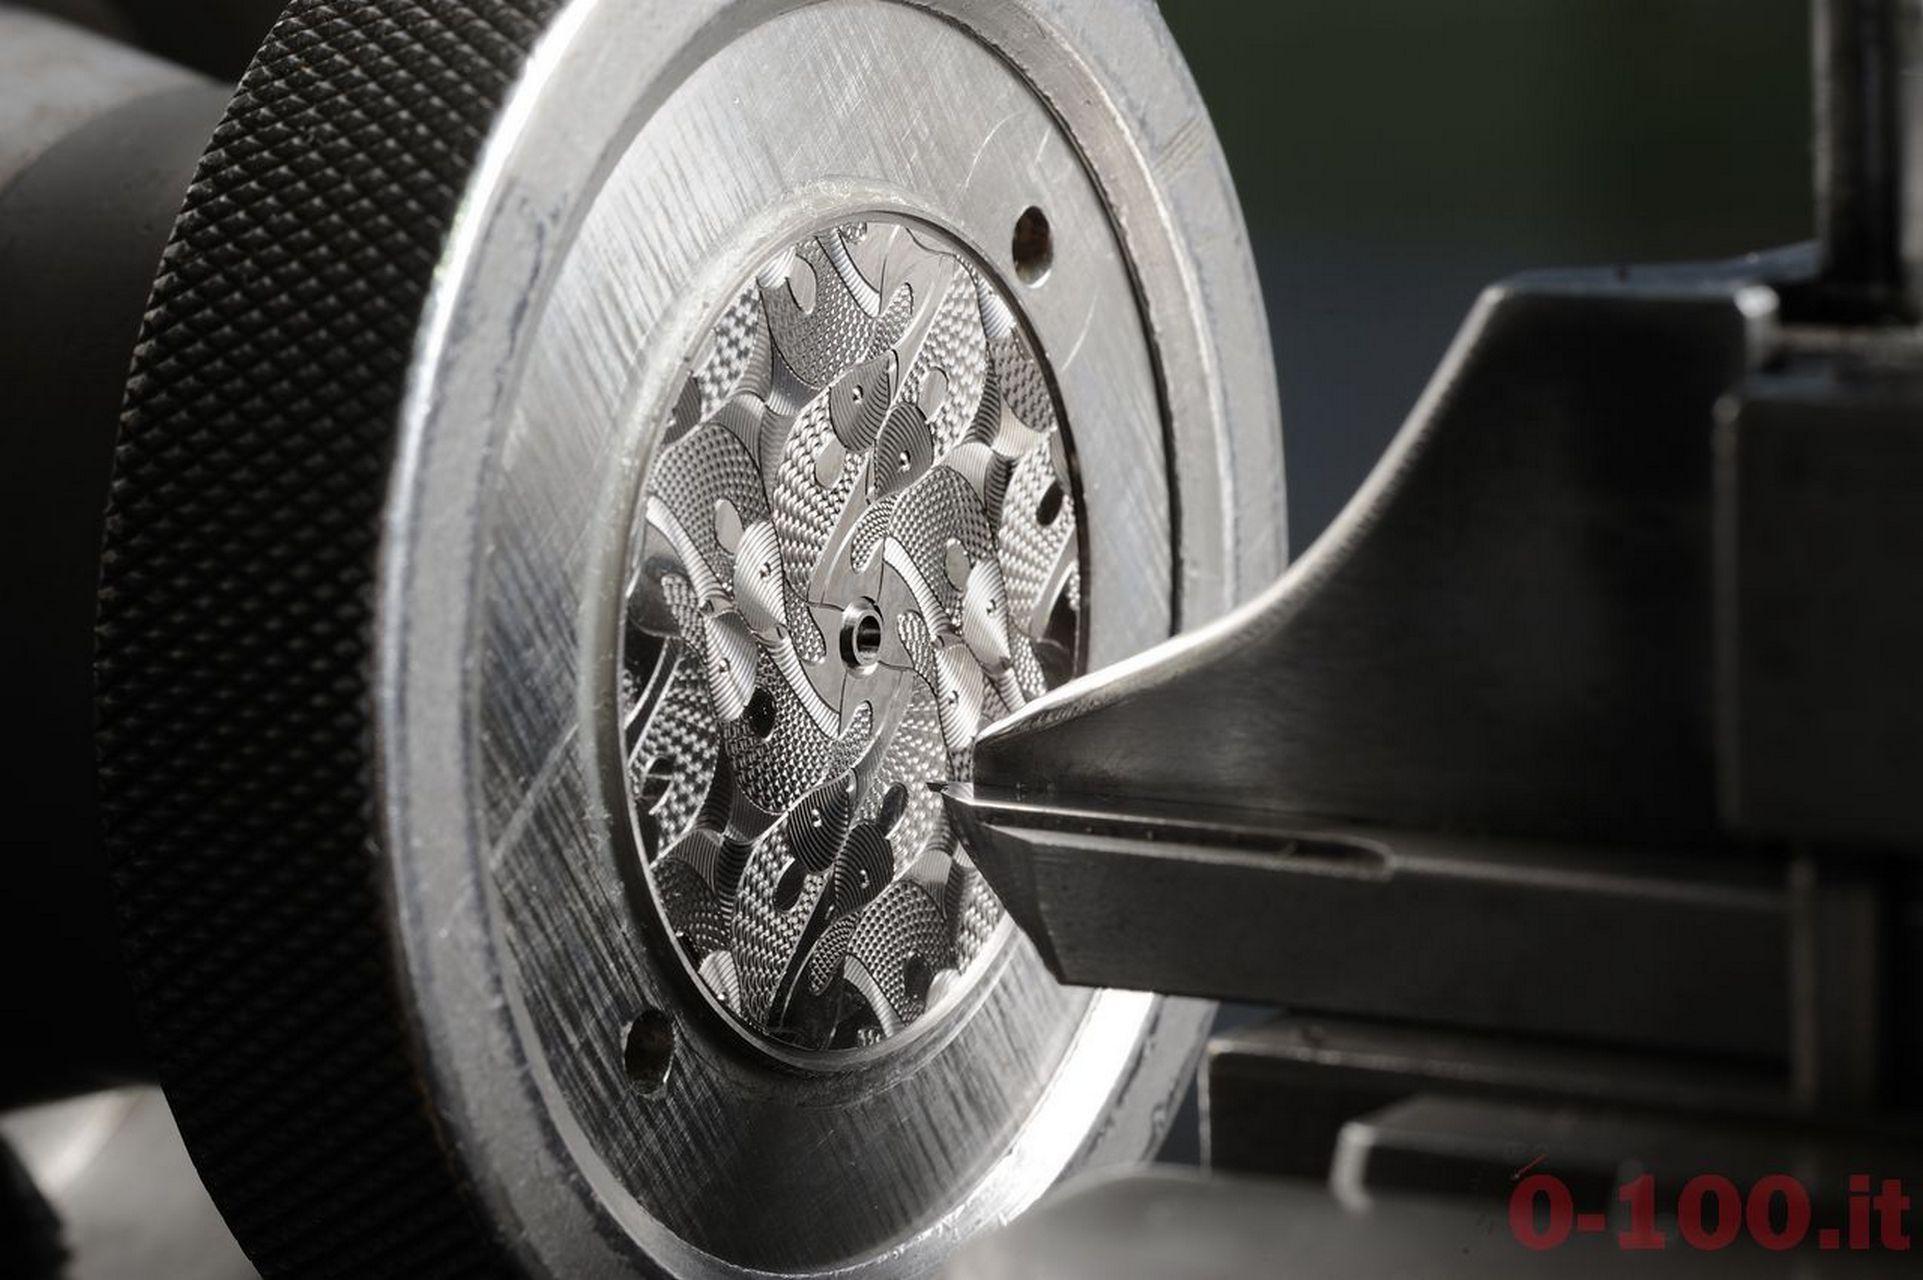 vacheron-constantin-guillochage_metiers-dart-mecaniques-ajourees_0-1005